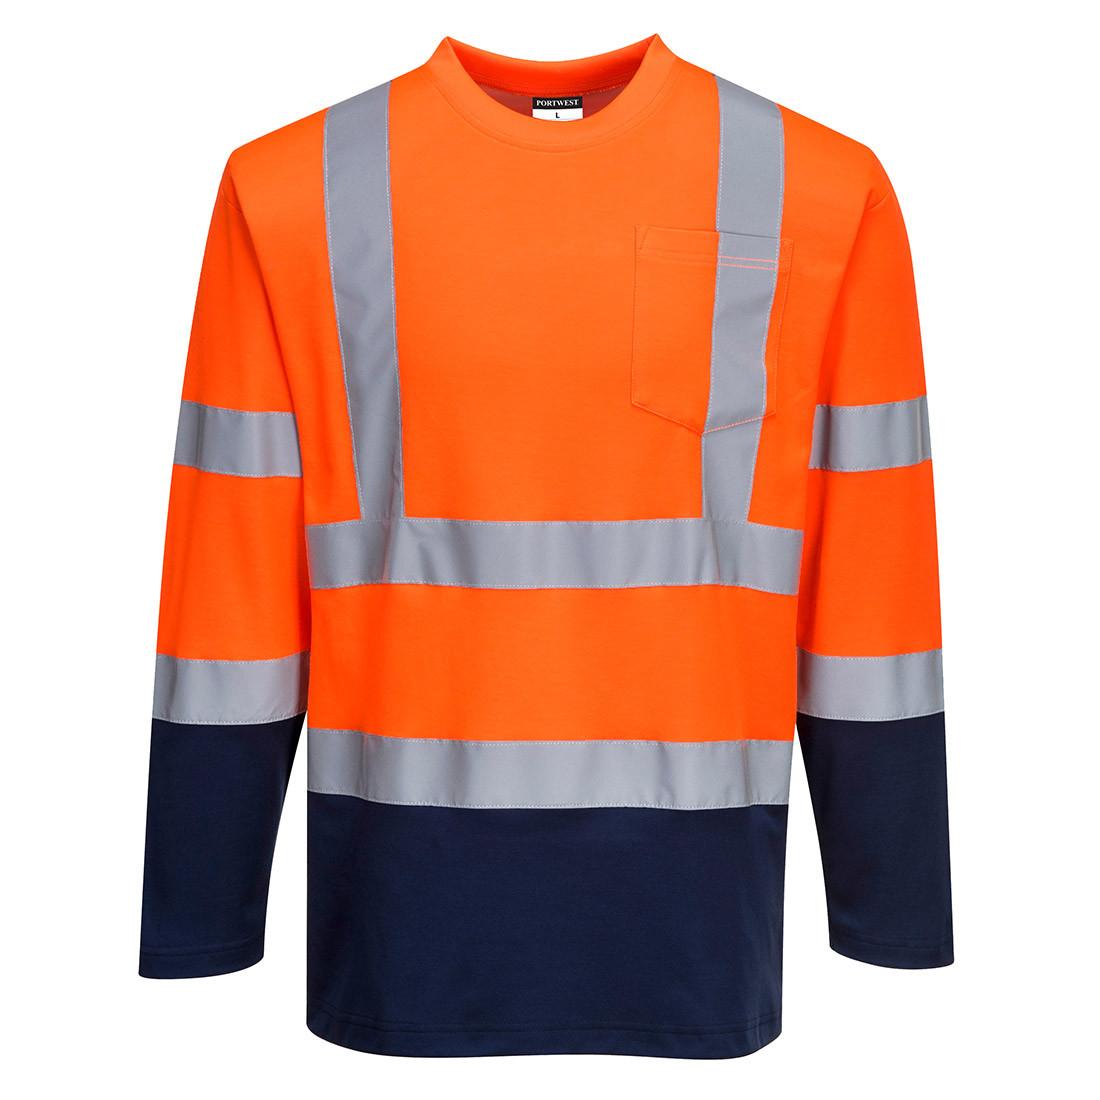 Tricou Doua-Tonuri Cotton Comfort cu Maneci Lungi - Imbracaminte de protectie